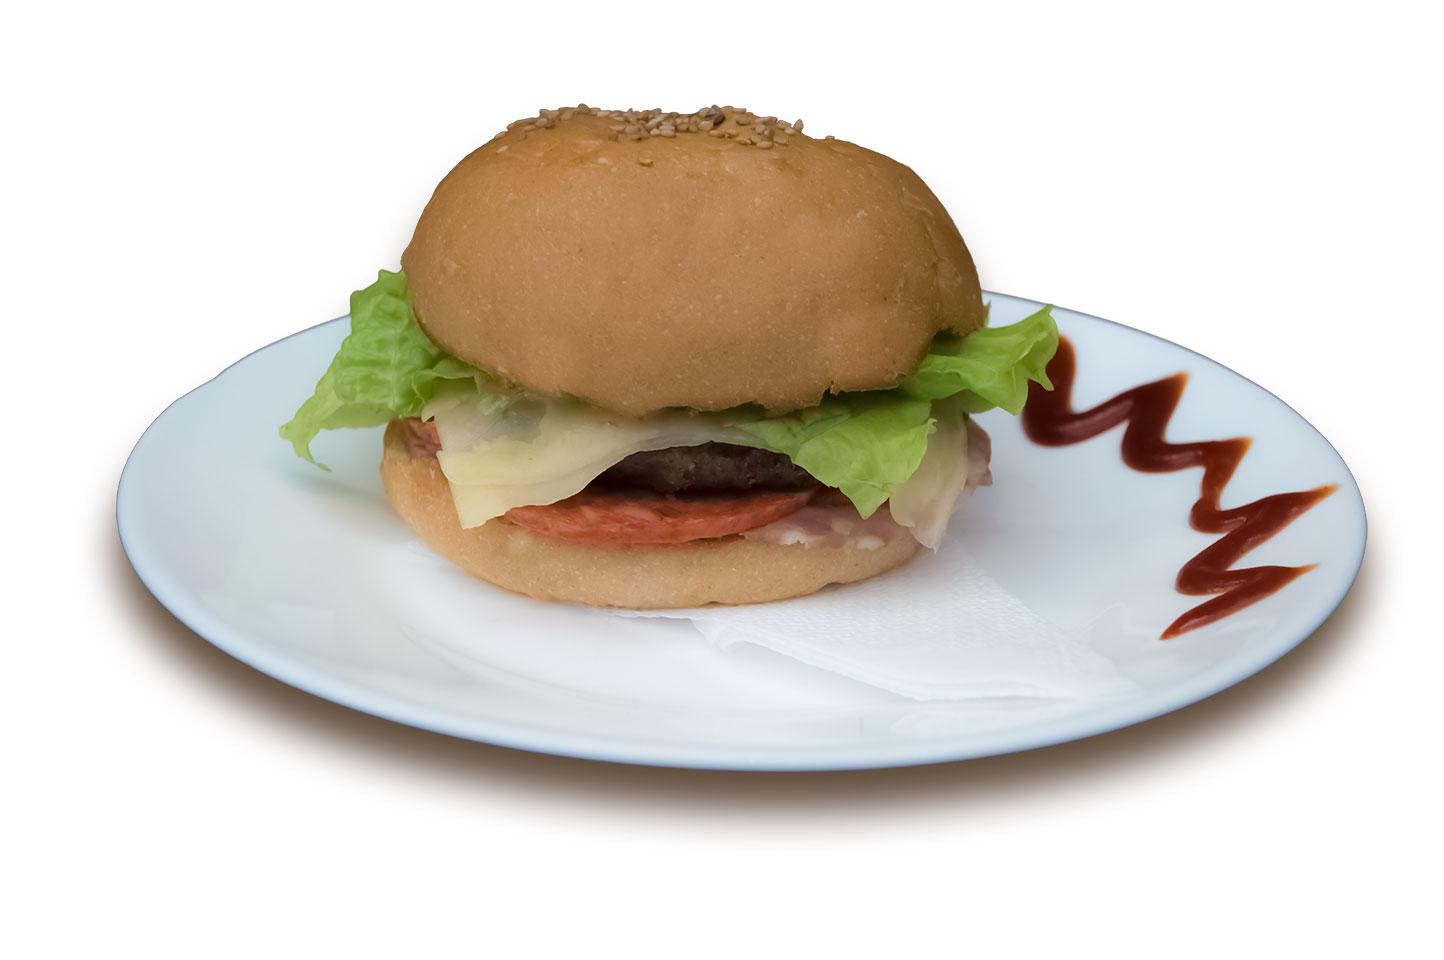 café ortúzar restaurante bar cafetería pinar del río hamburguesa